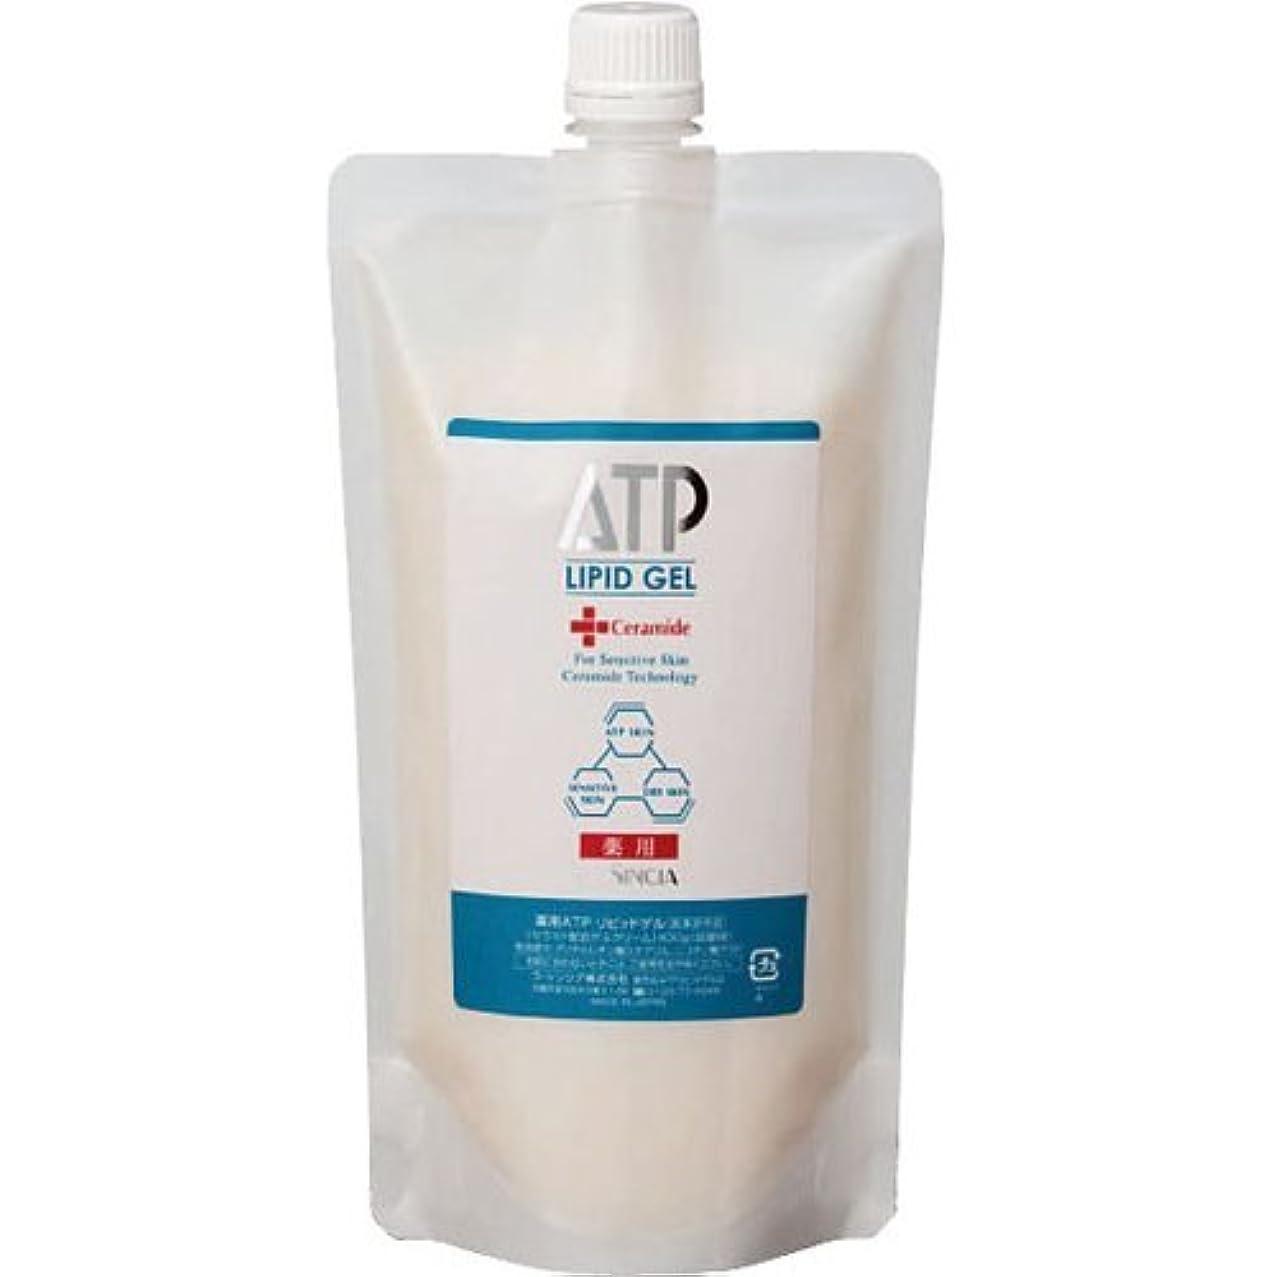 バスブラインドアレイラシンシア 薬用ATPリピッドゲル 400g(詰替用) 【セラミド配合ゲルクリーム】